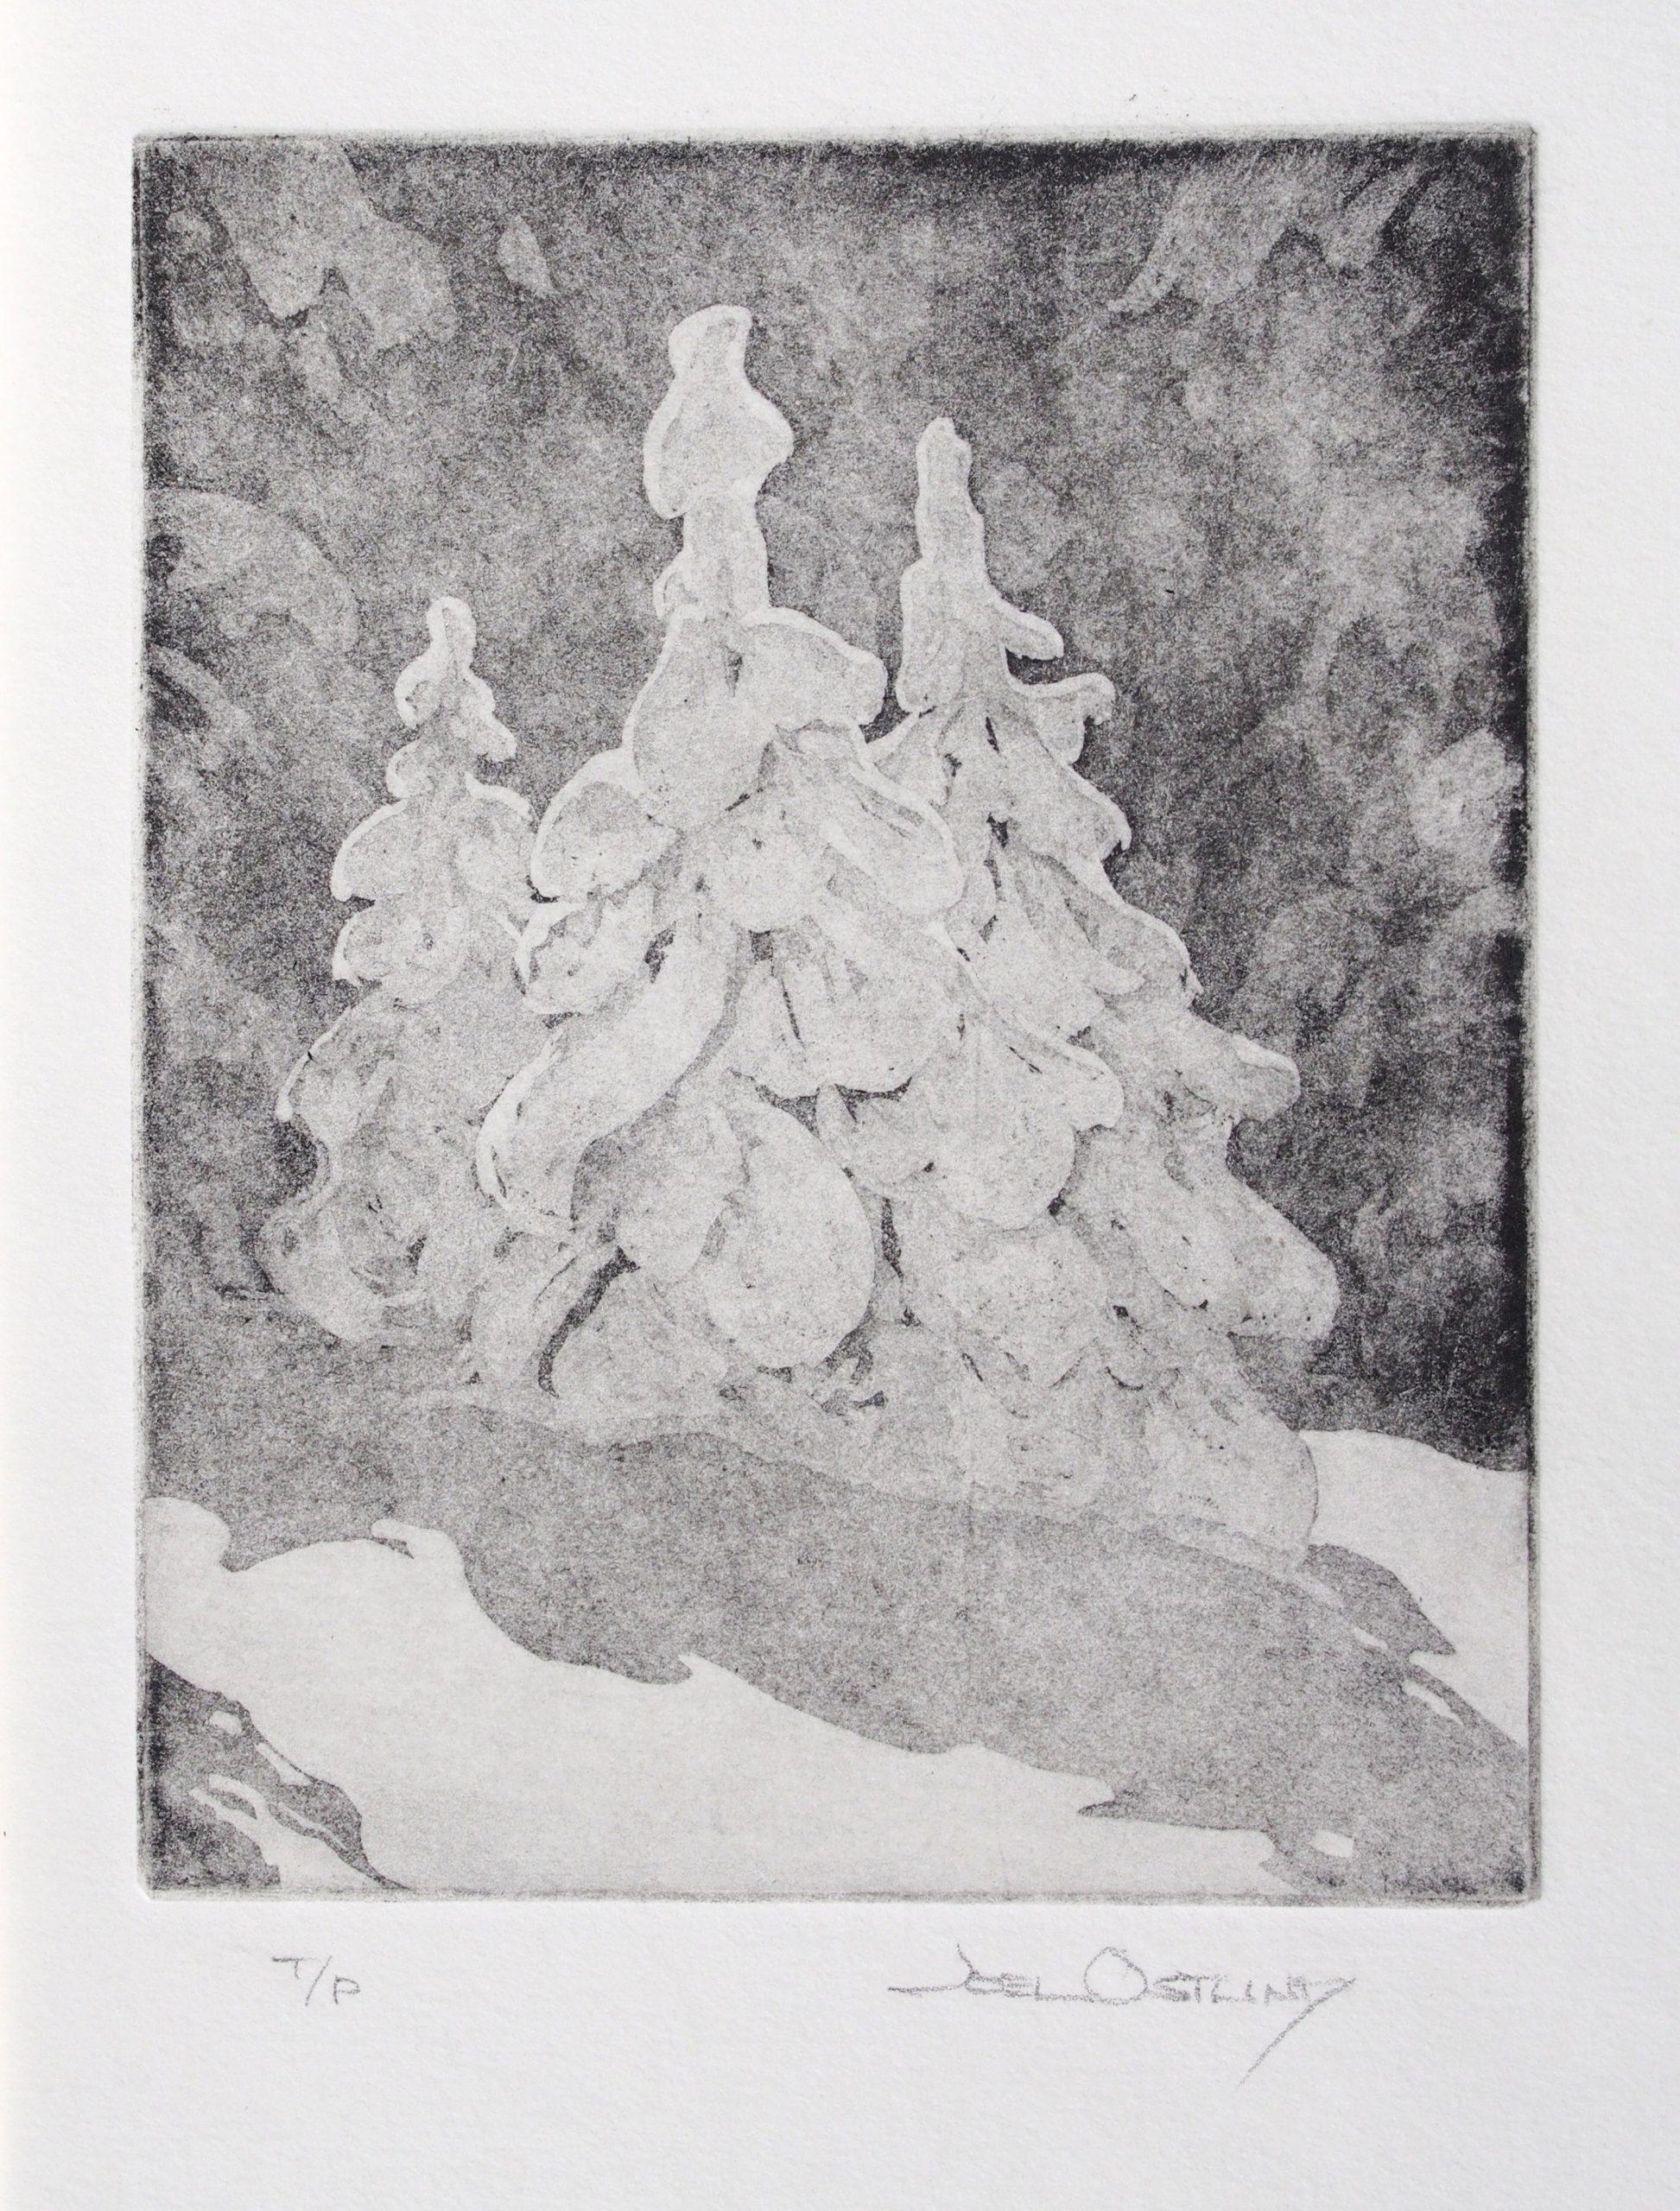 Joel Ostlind - Treeage